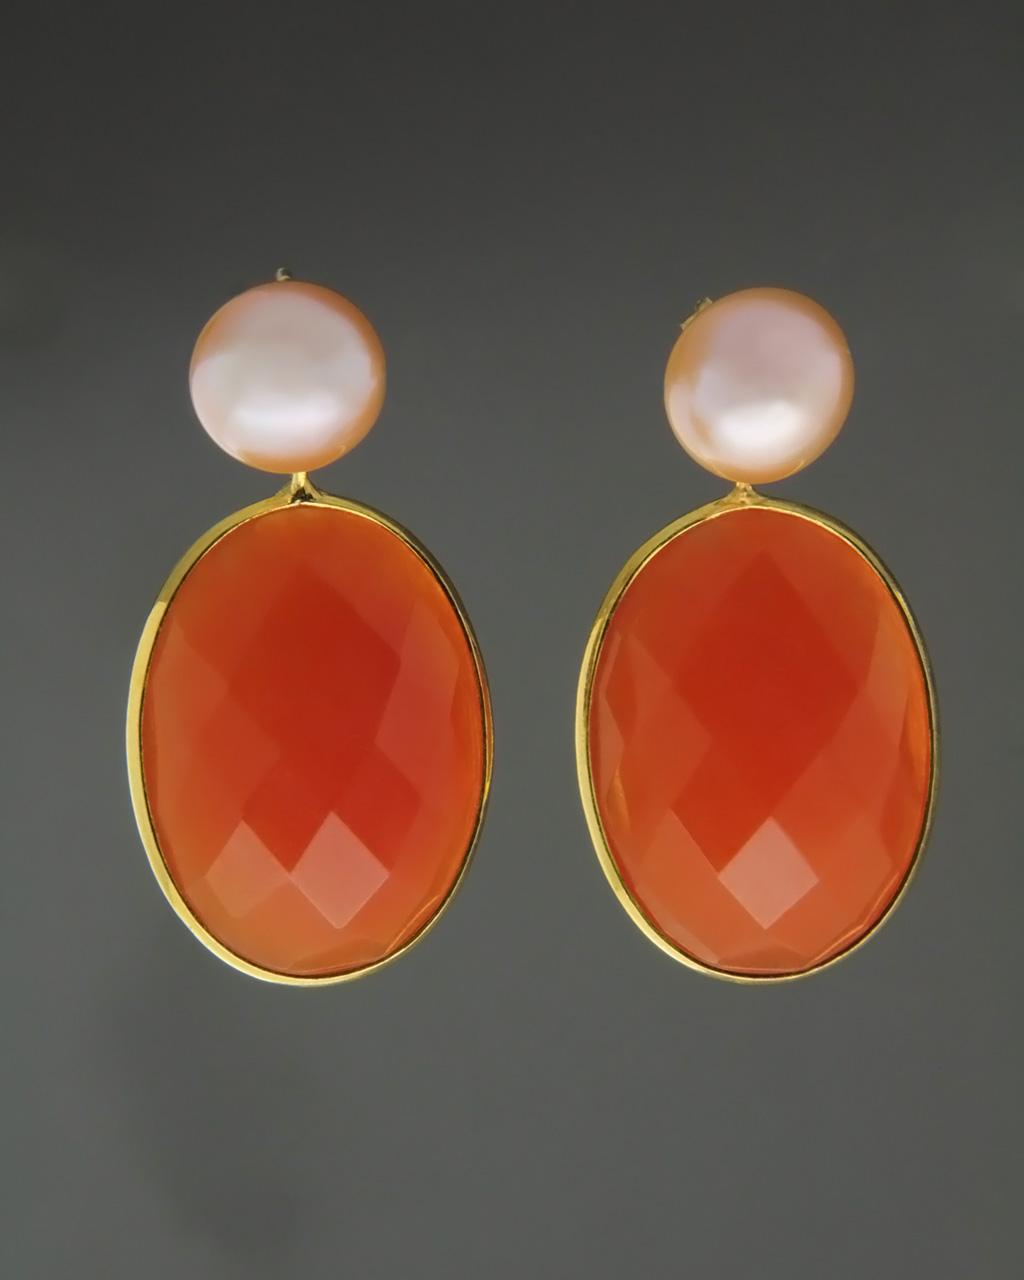 Κρεμαστά σκουλαρίκια με Μαργαριτάρια & Vetro   γυναικα σκουλαρίκια σκουλαρίκια ασημένια